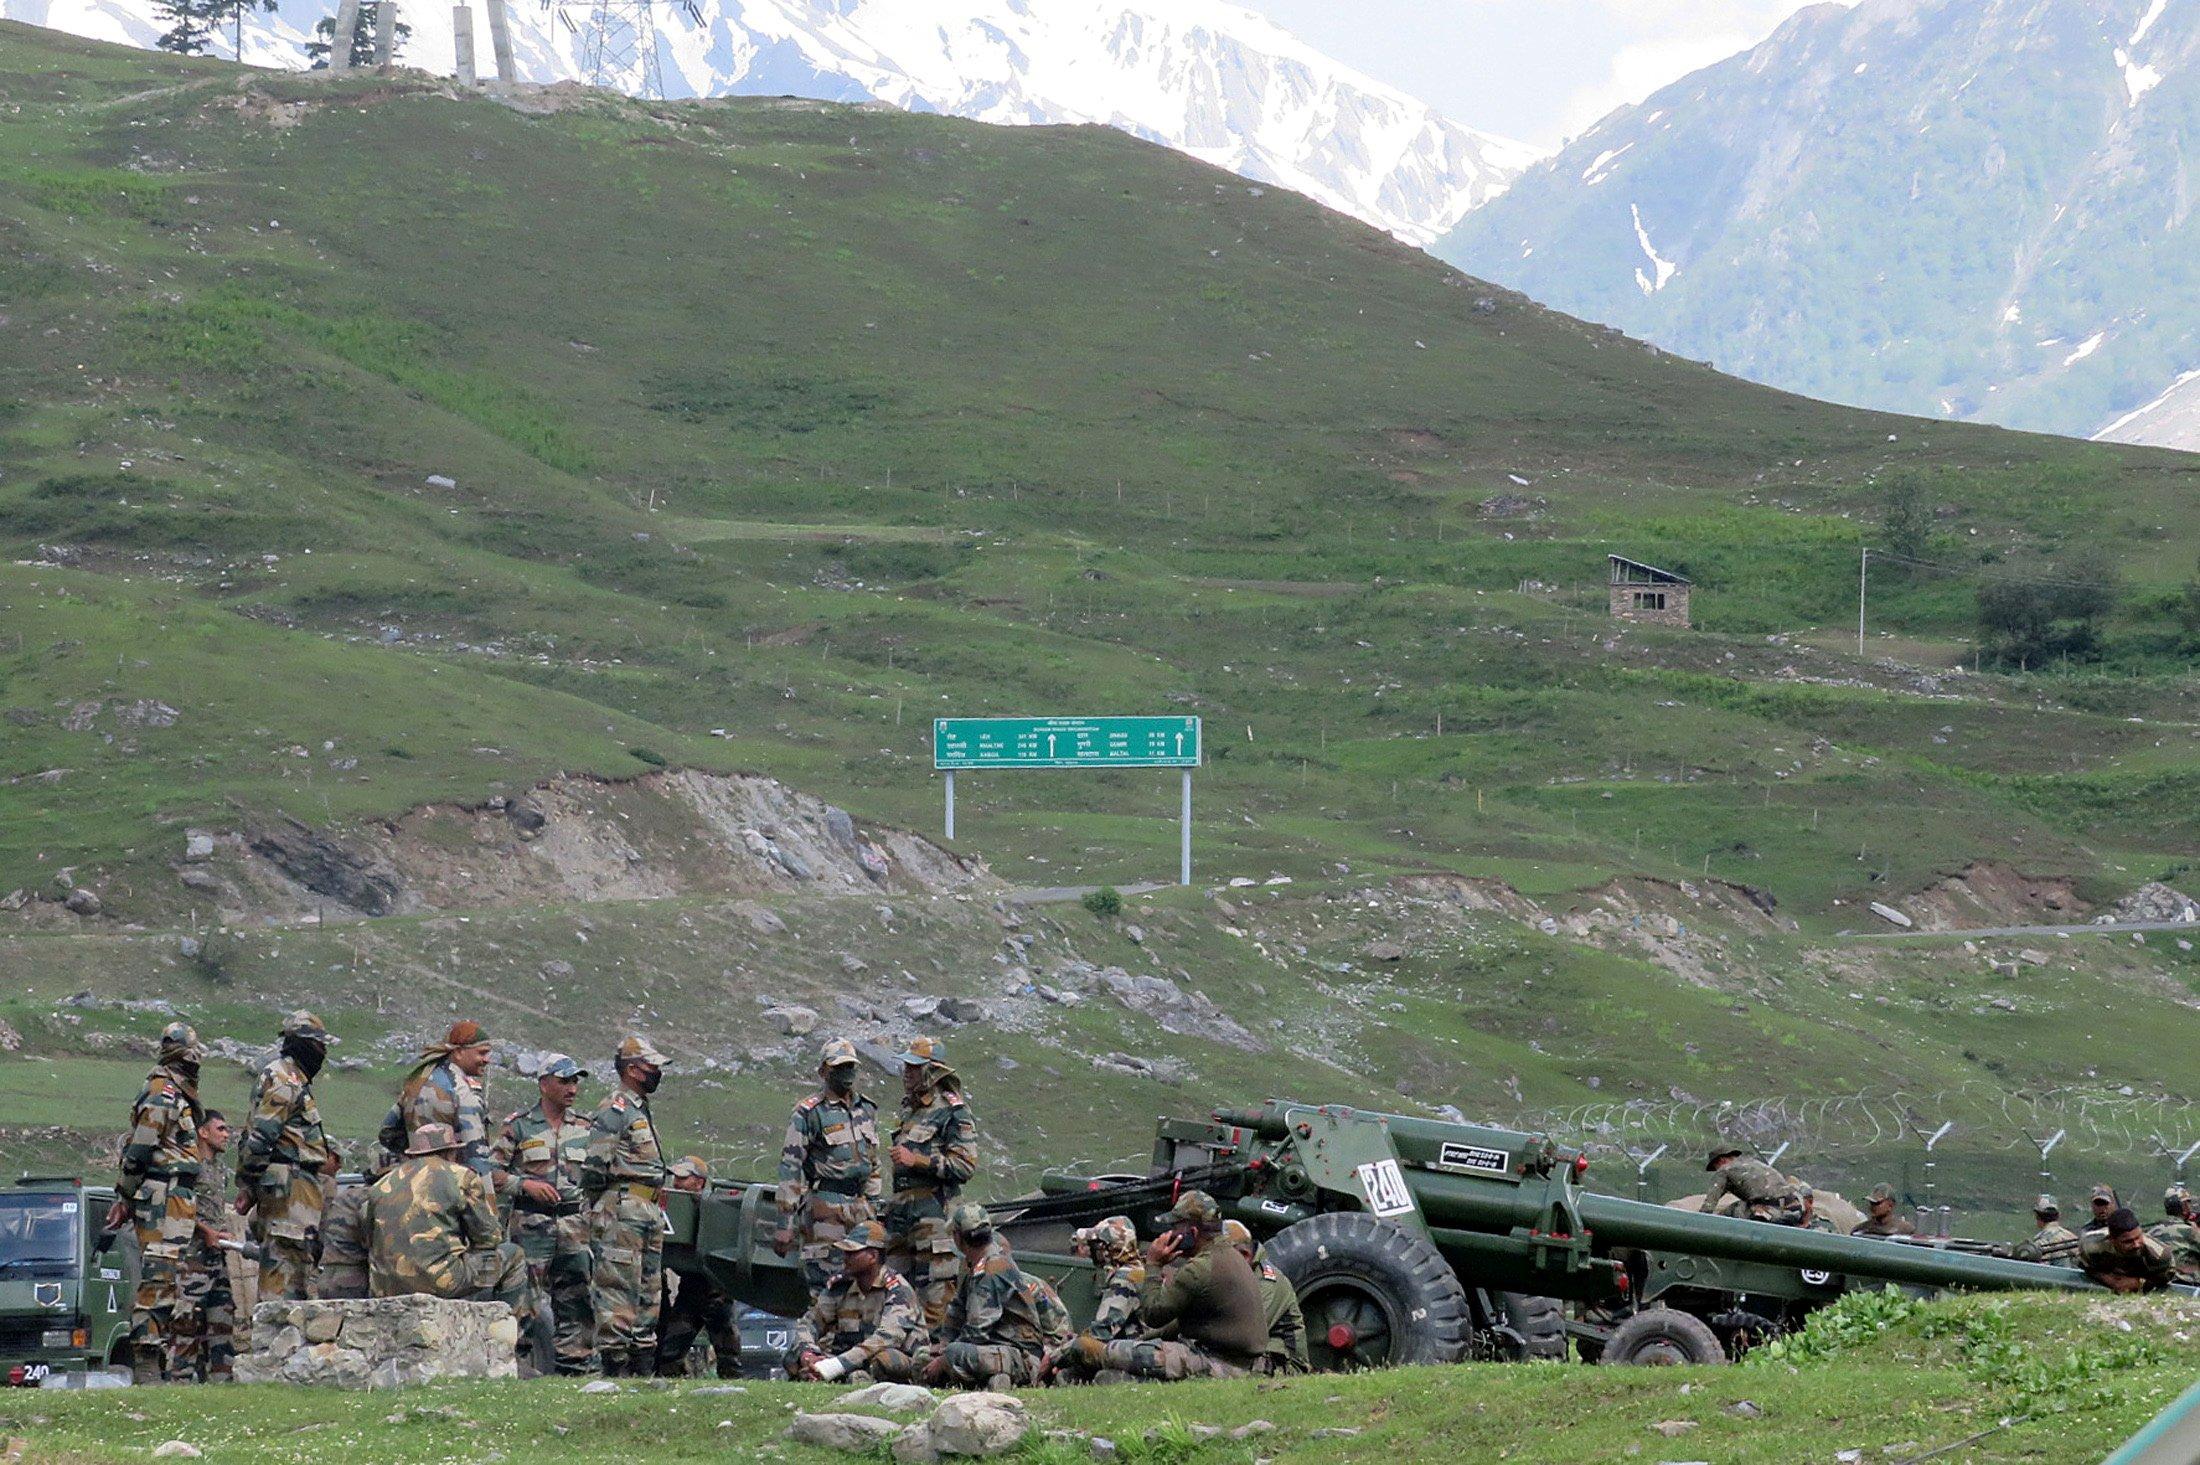 لداخ کے پاس بالٹال میں ایک عارضی کیمپ کے پاس موجودہندوستانی فوج۔ (فوٹو: رائٹرس)